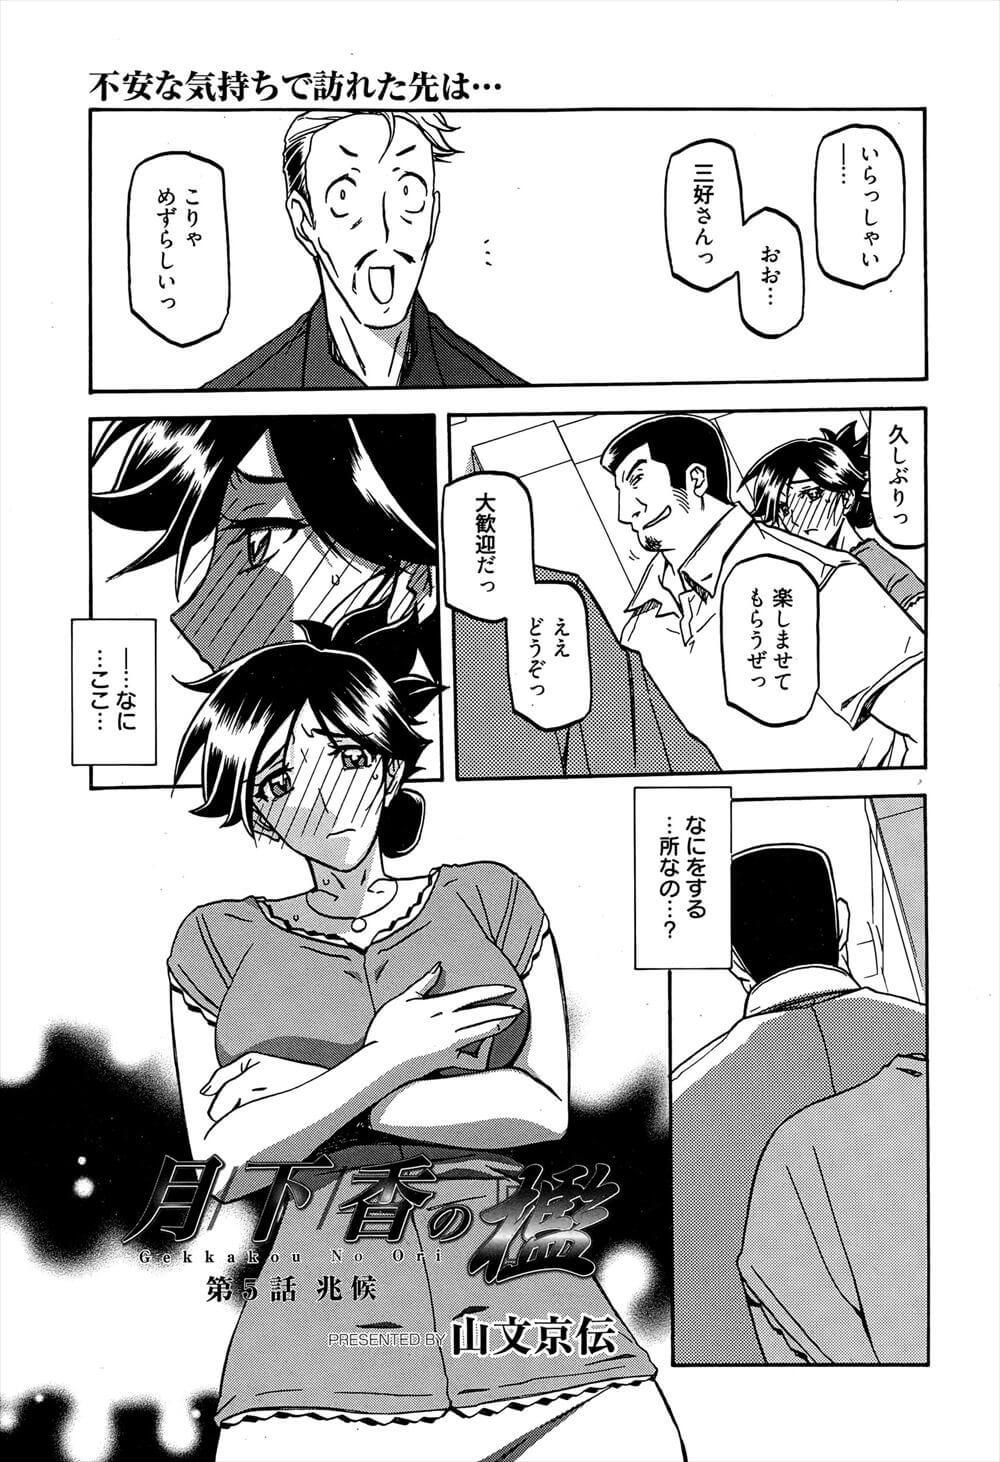 【エロ漫画】三好が熟女の人妻を連れて行った場所では目隠しして緊縛で拘束された沙夜子がバイブを入れられていた…【無料 エロ同人】